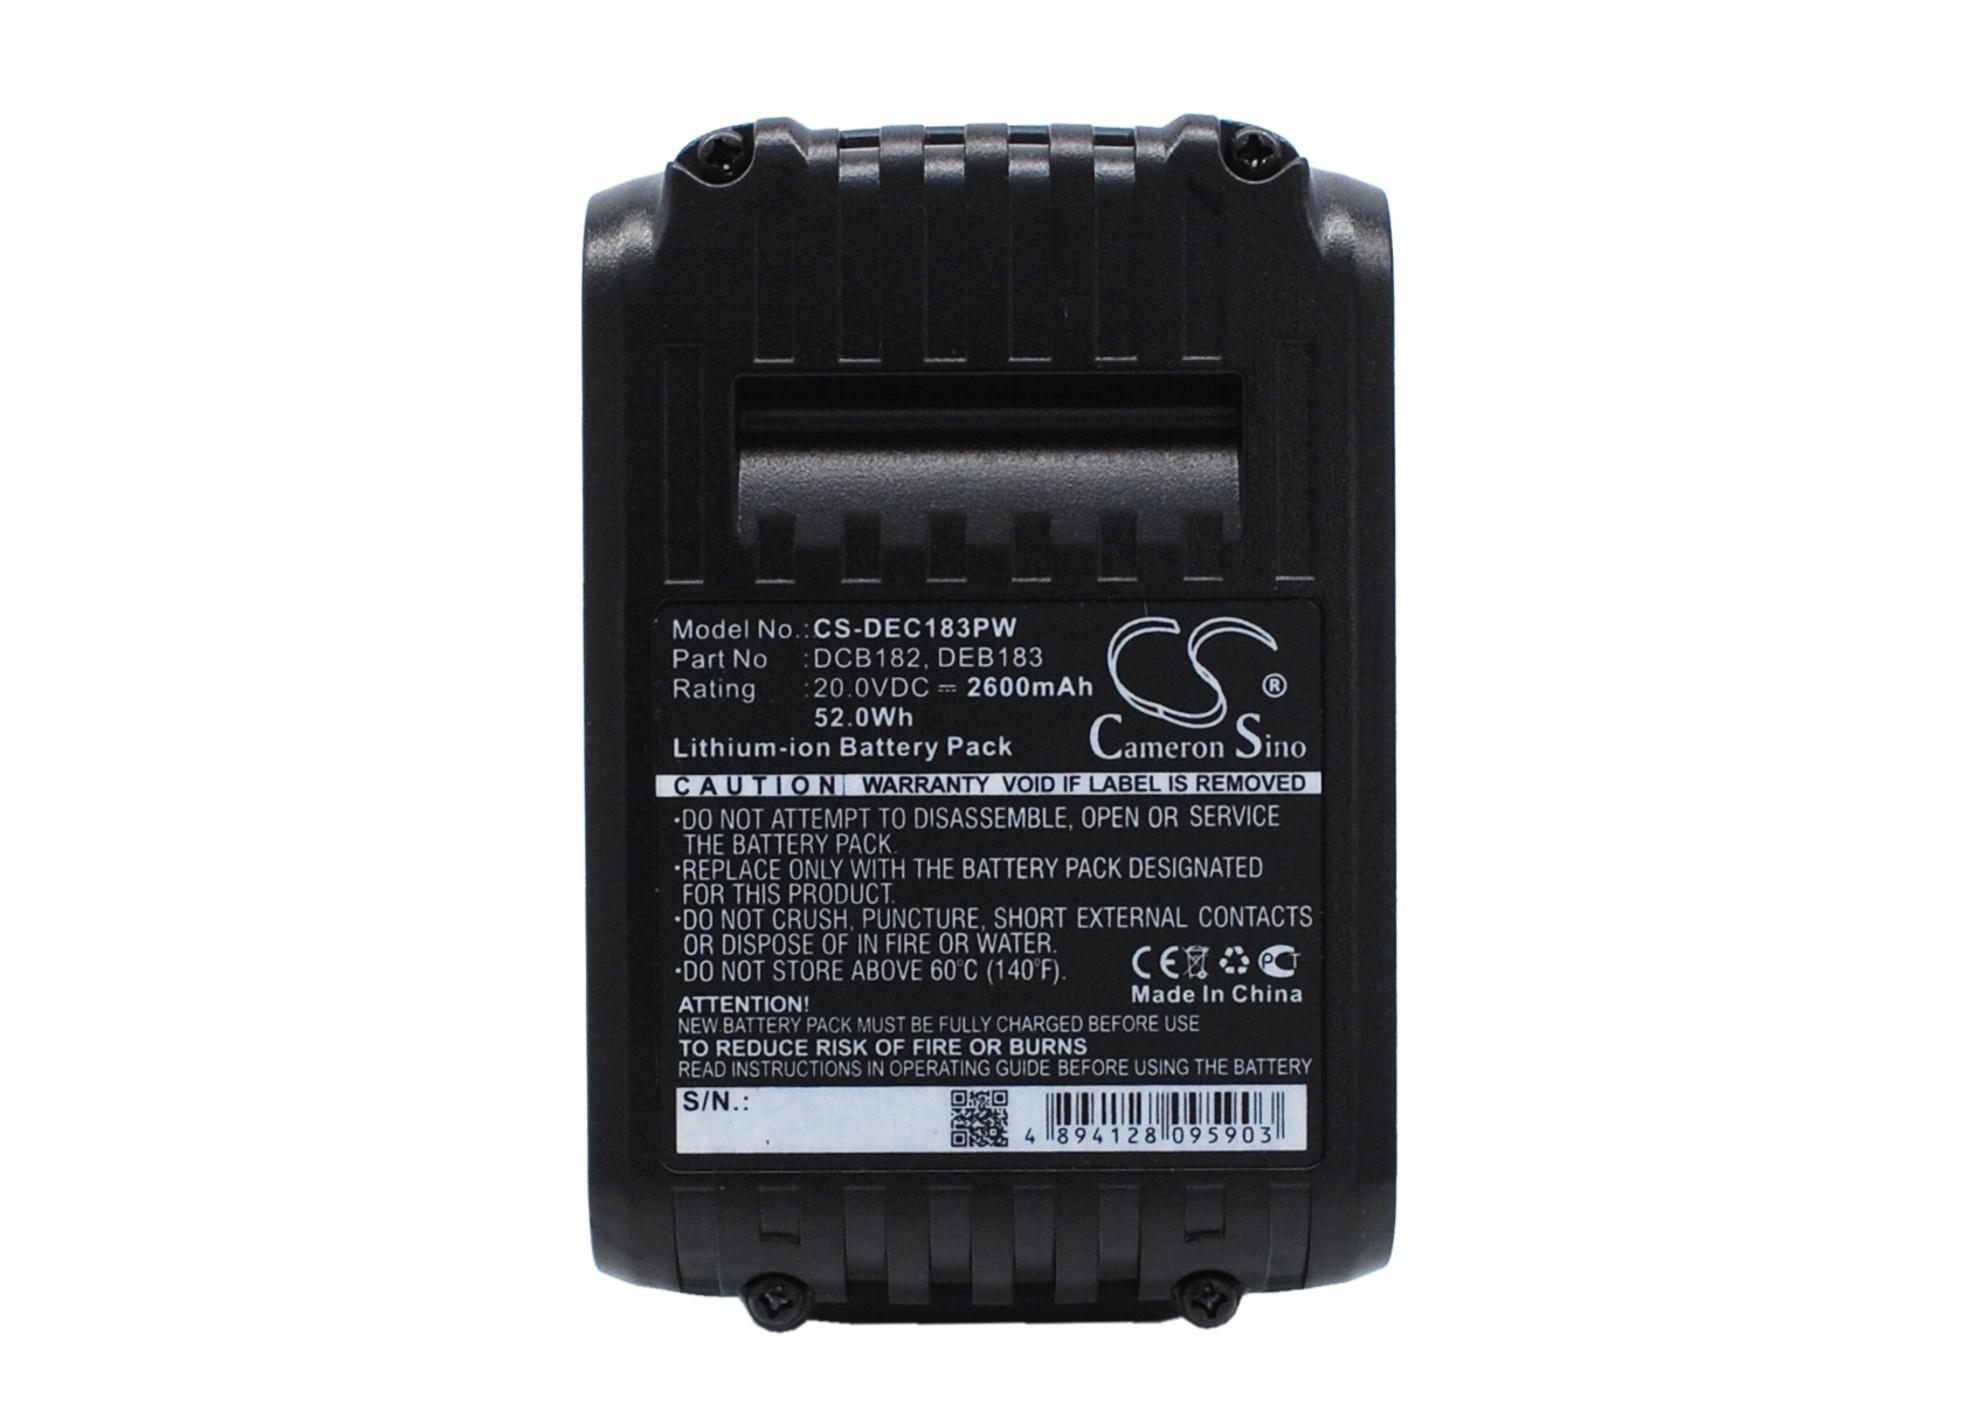 Cameron Sino baterie do nářadí pro DEWALT DCF885C2 20V Li-ion 2600mAh černá - neoriginální